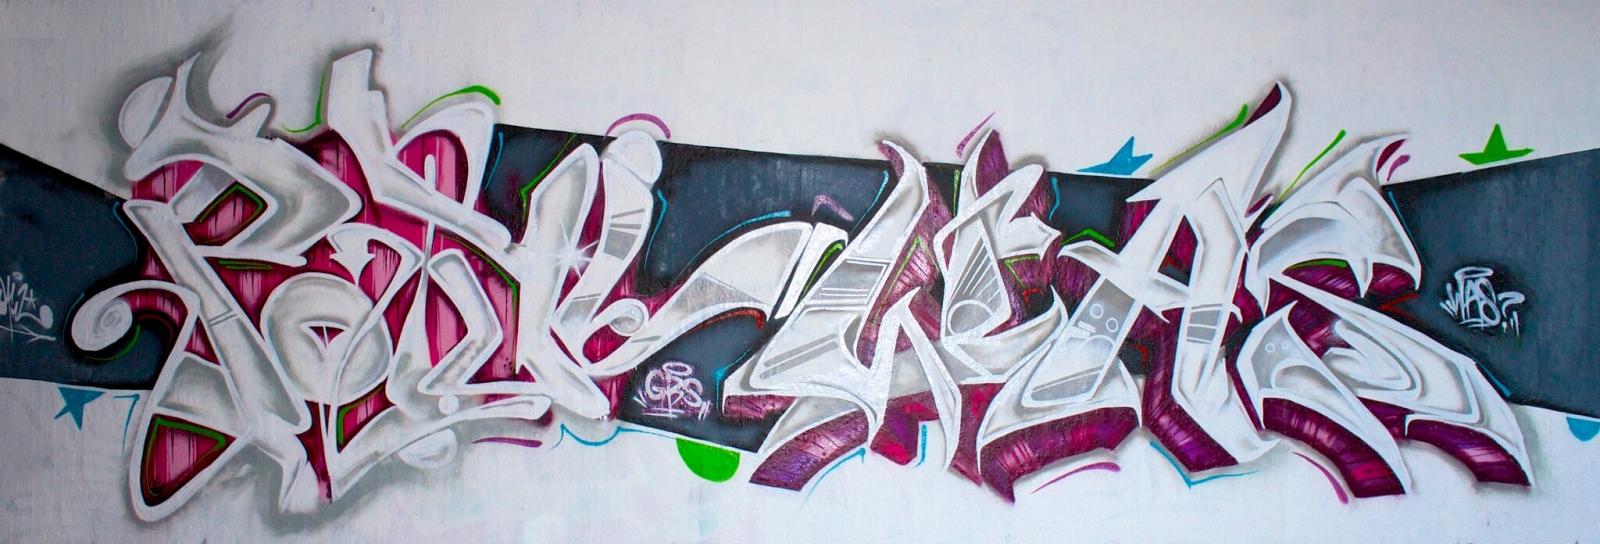 Graffiti Bochum Ruhr Uni - Potul Was GBS Crew